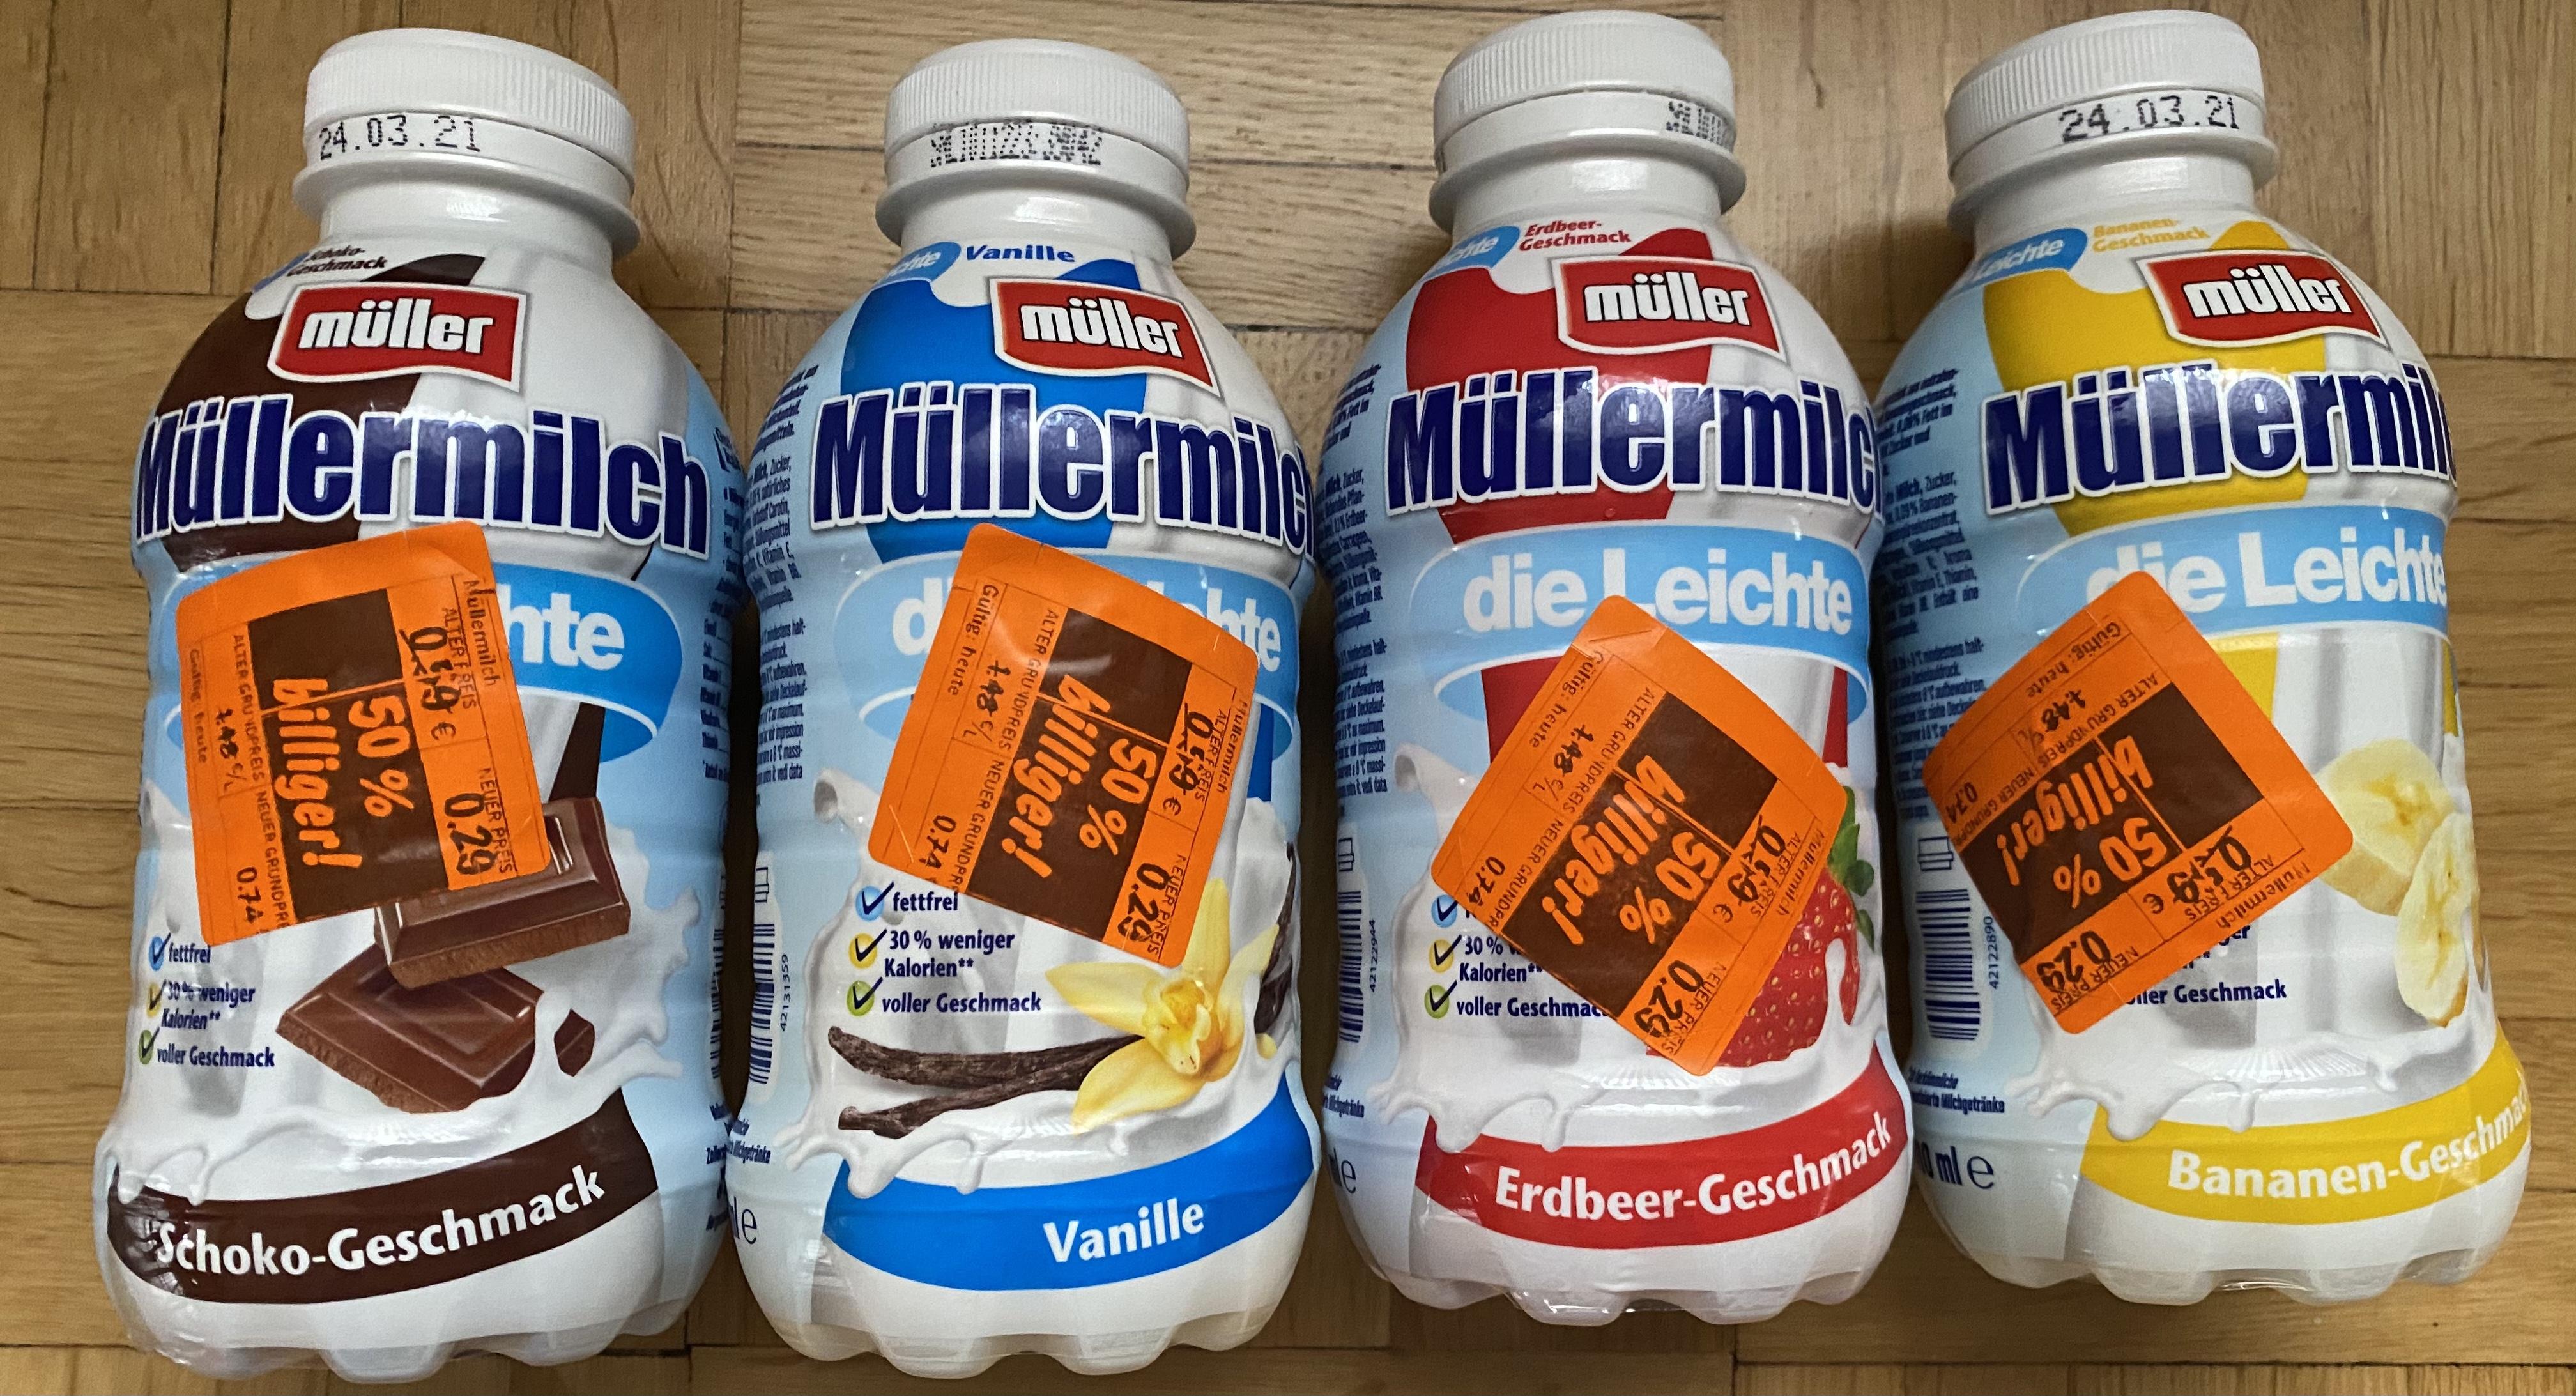 """Lidl: Müller Milch """"Die leichte"""" und """"Protein"""" für 29c (500ml)"""